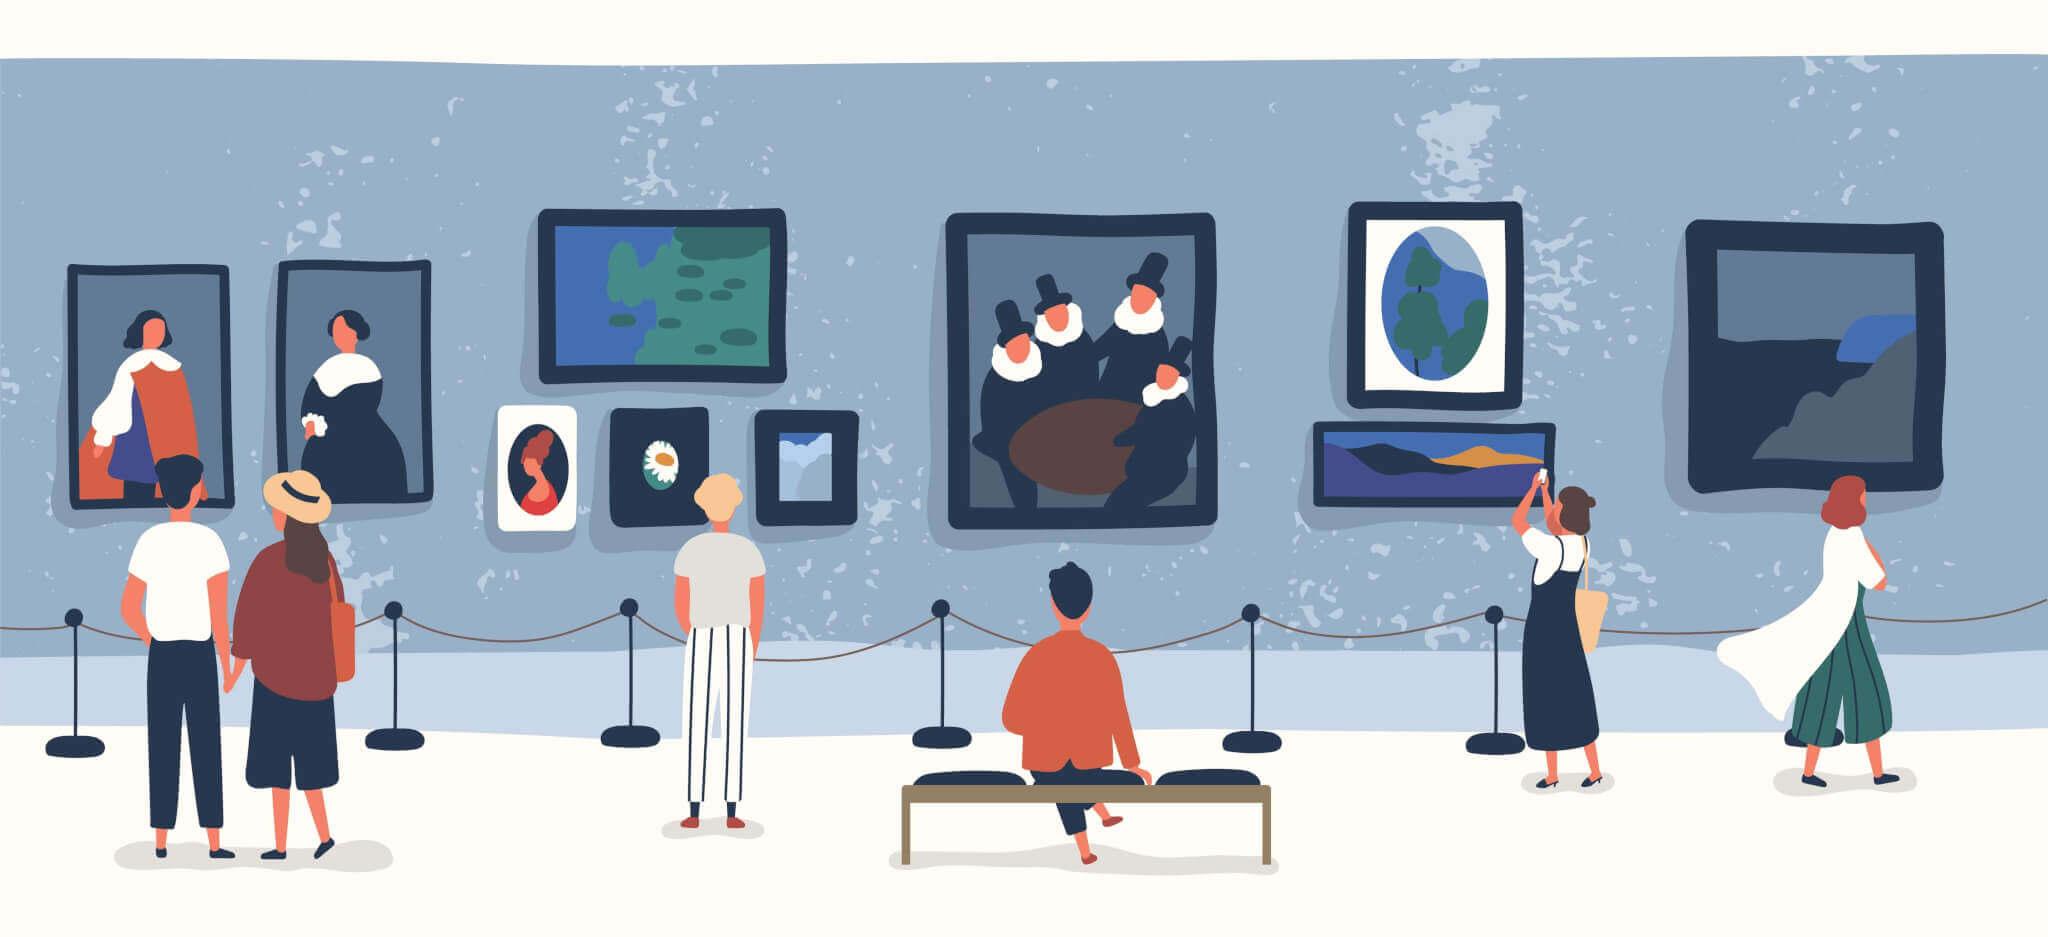 SEO-Bildoptimierung ist entscheidend fpr Pagespeed und Ranking. Auf diesem Bild betrachten Besucher verschiedene Gemälde.